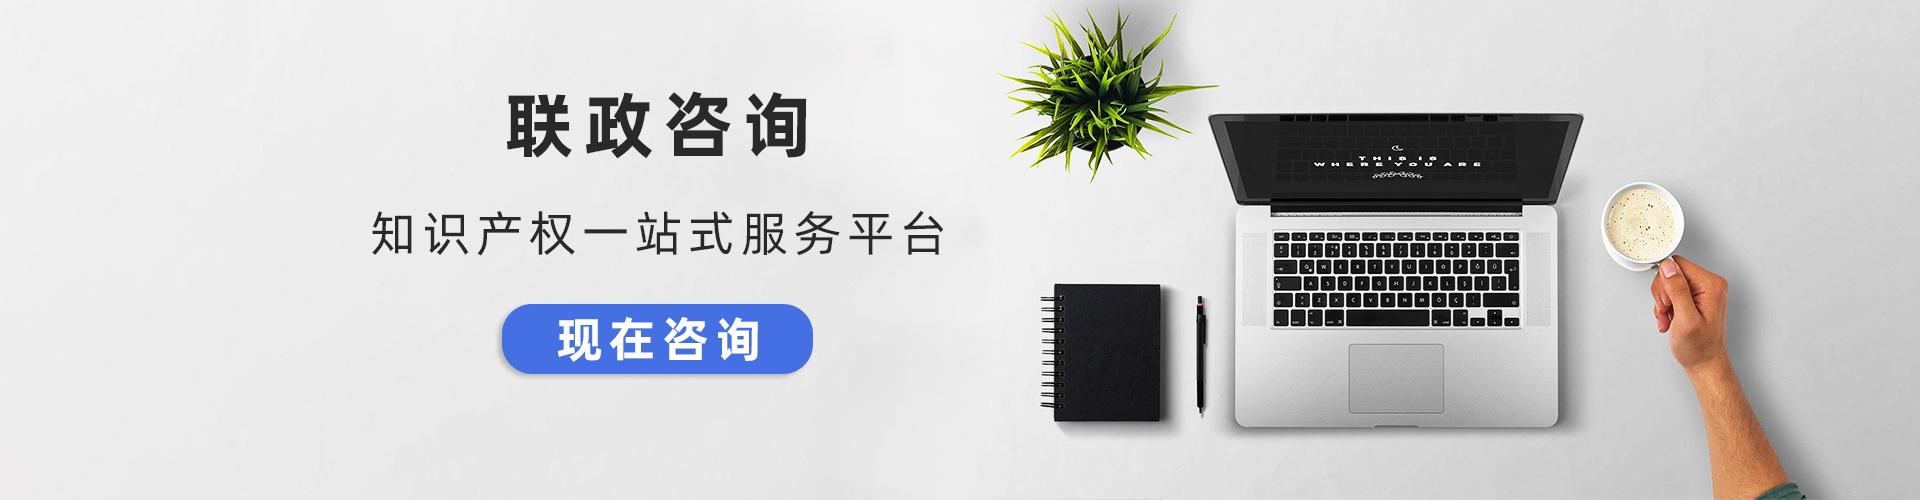 联政科技-一站式知识产权服务平台